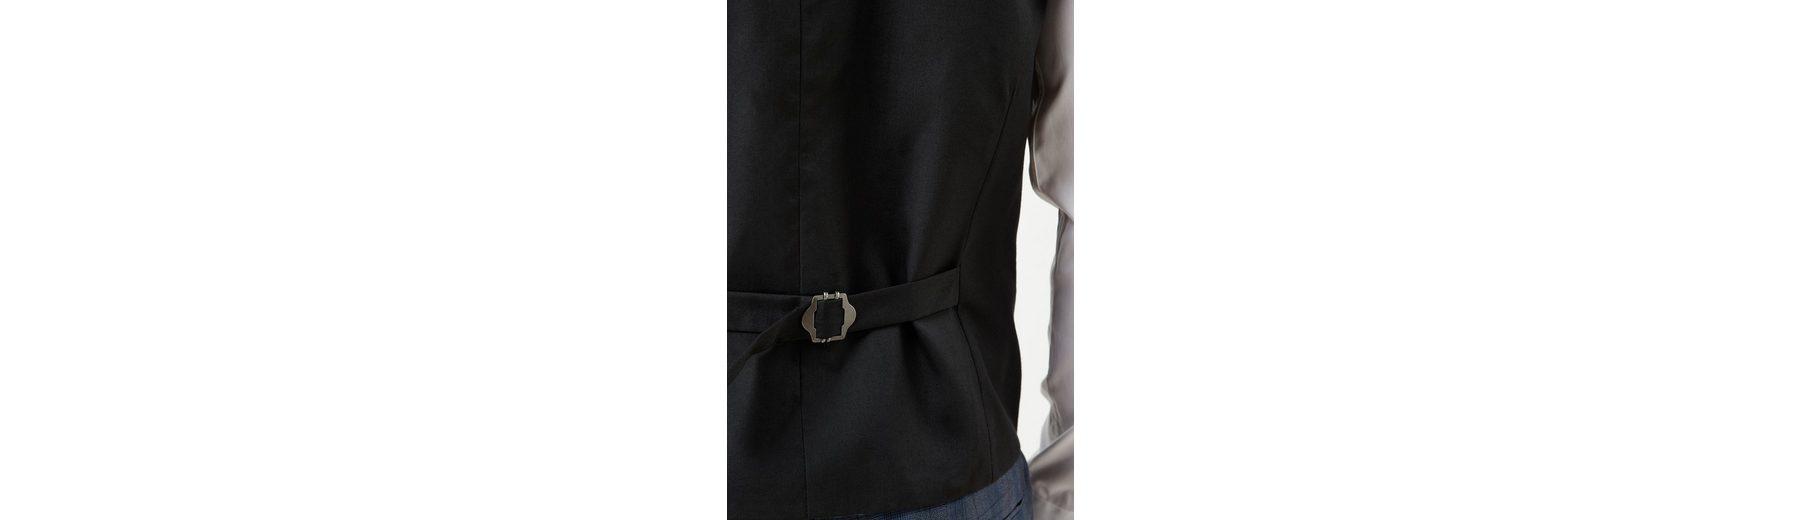 Next Skinny Fit-Anzug mit Karomuster: Weste Billig Bester Laden Zu Bekommen Verkauf Besten Großhandels Mode Günstig Online cQnfkU1